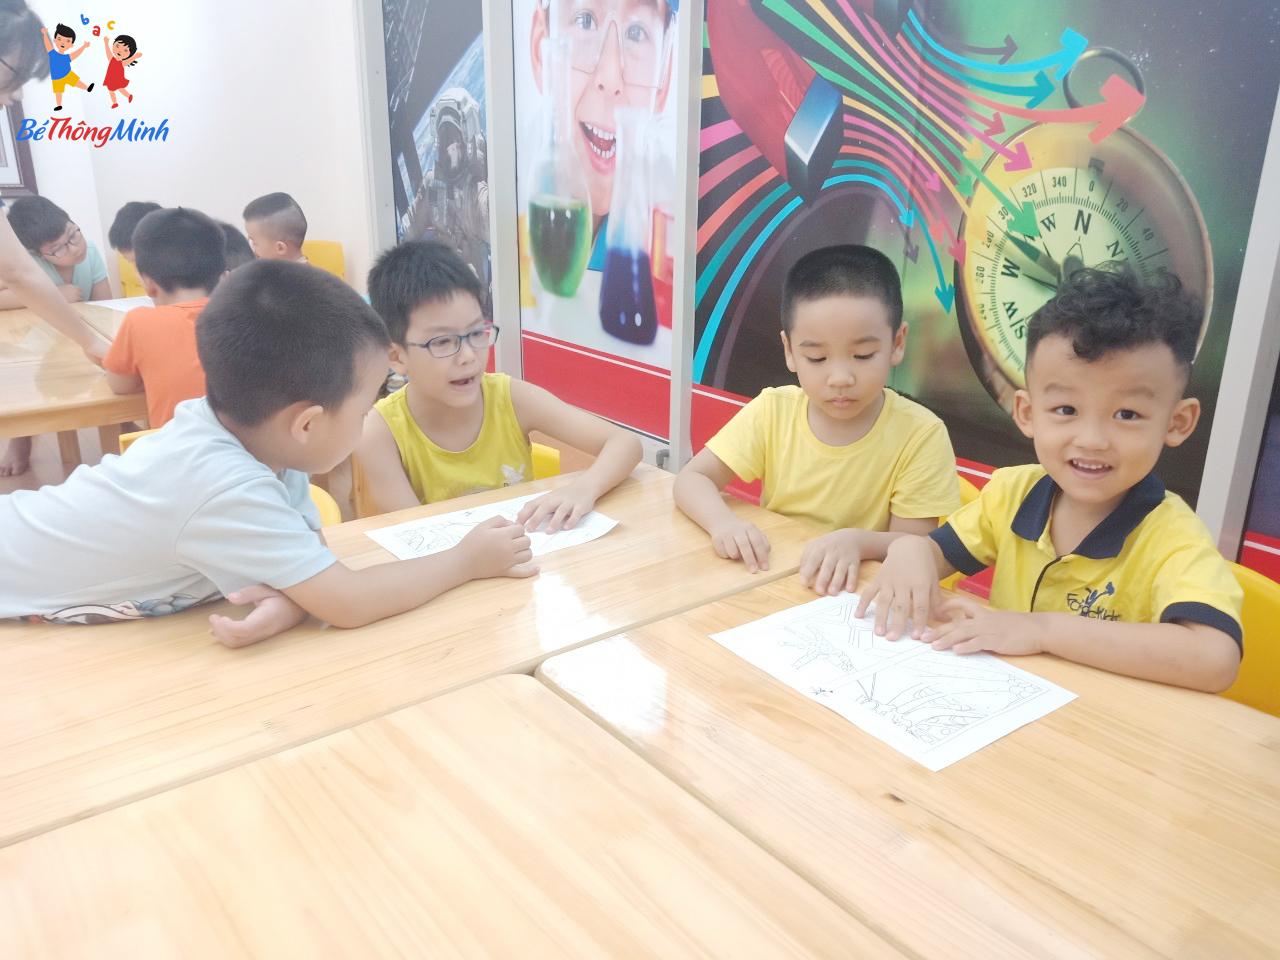 Làm sao giúp trẻ 7 tuổi có kỹ năng giải quyết vấn đề